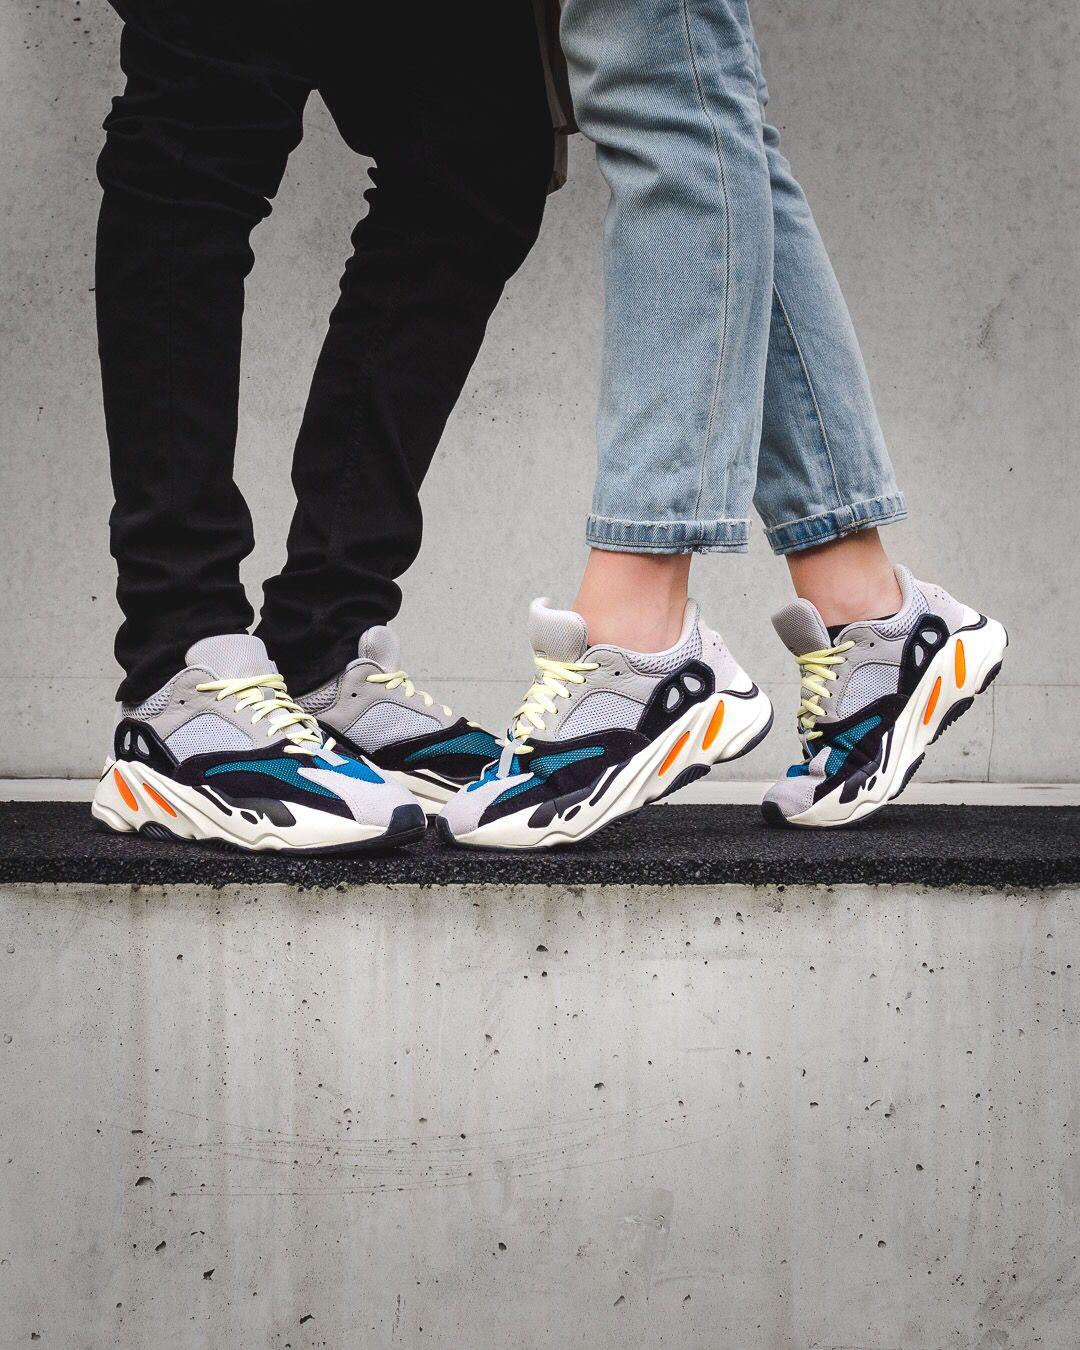 100% authentic 93213 7d86f adidas #adidasoriginals #yeezy #yeezy700 #sneakers ...